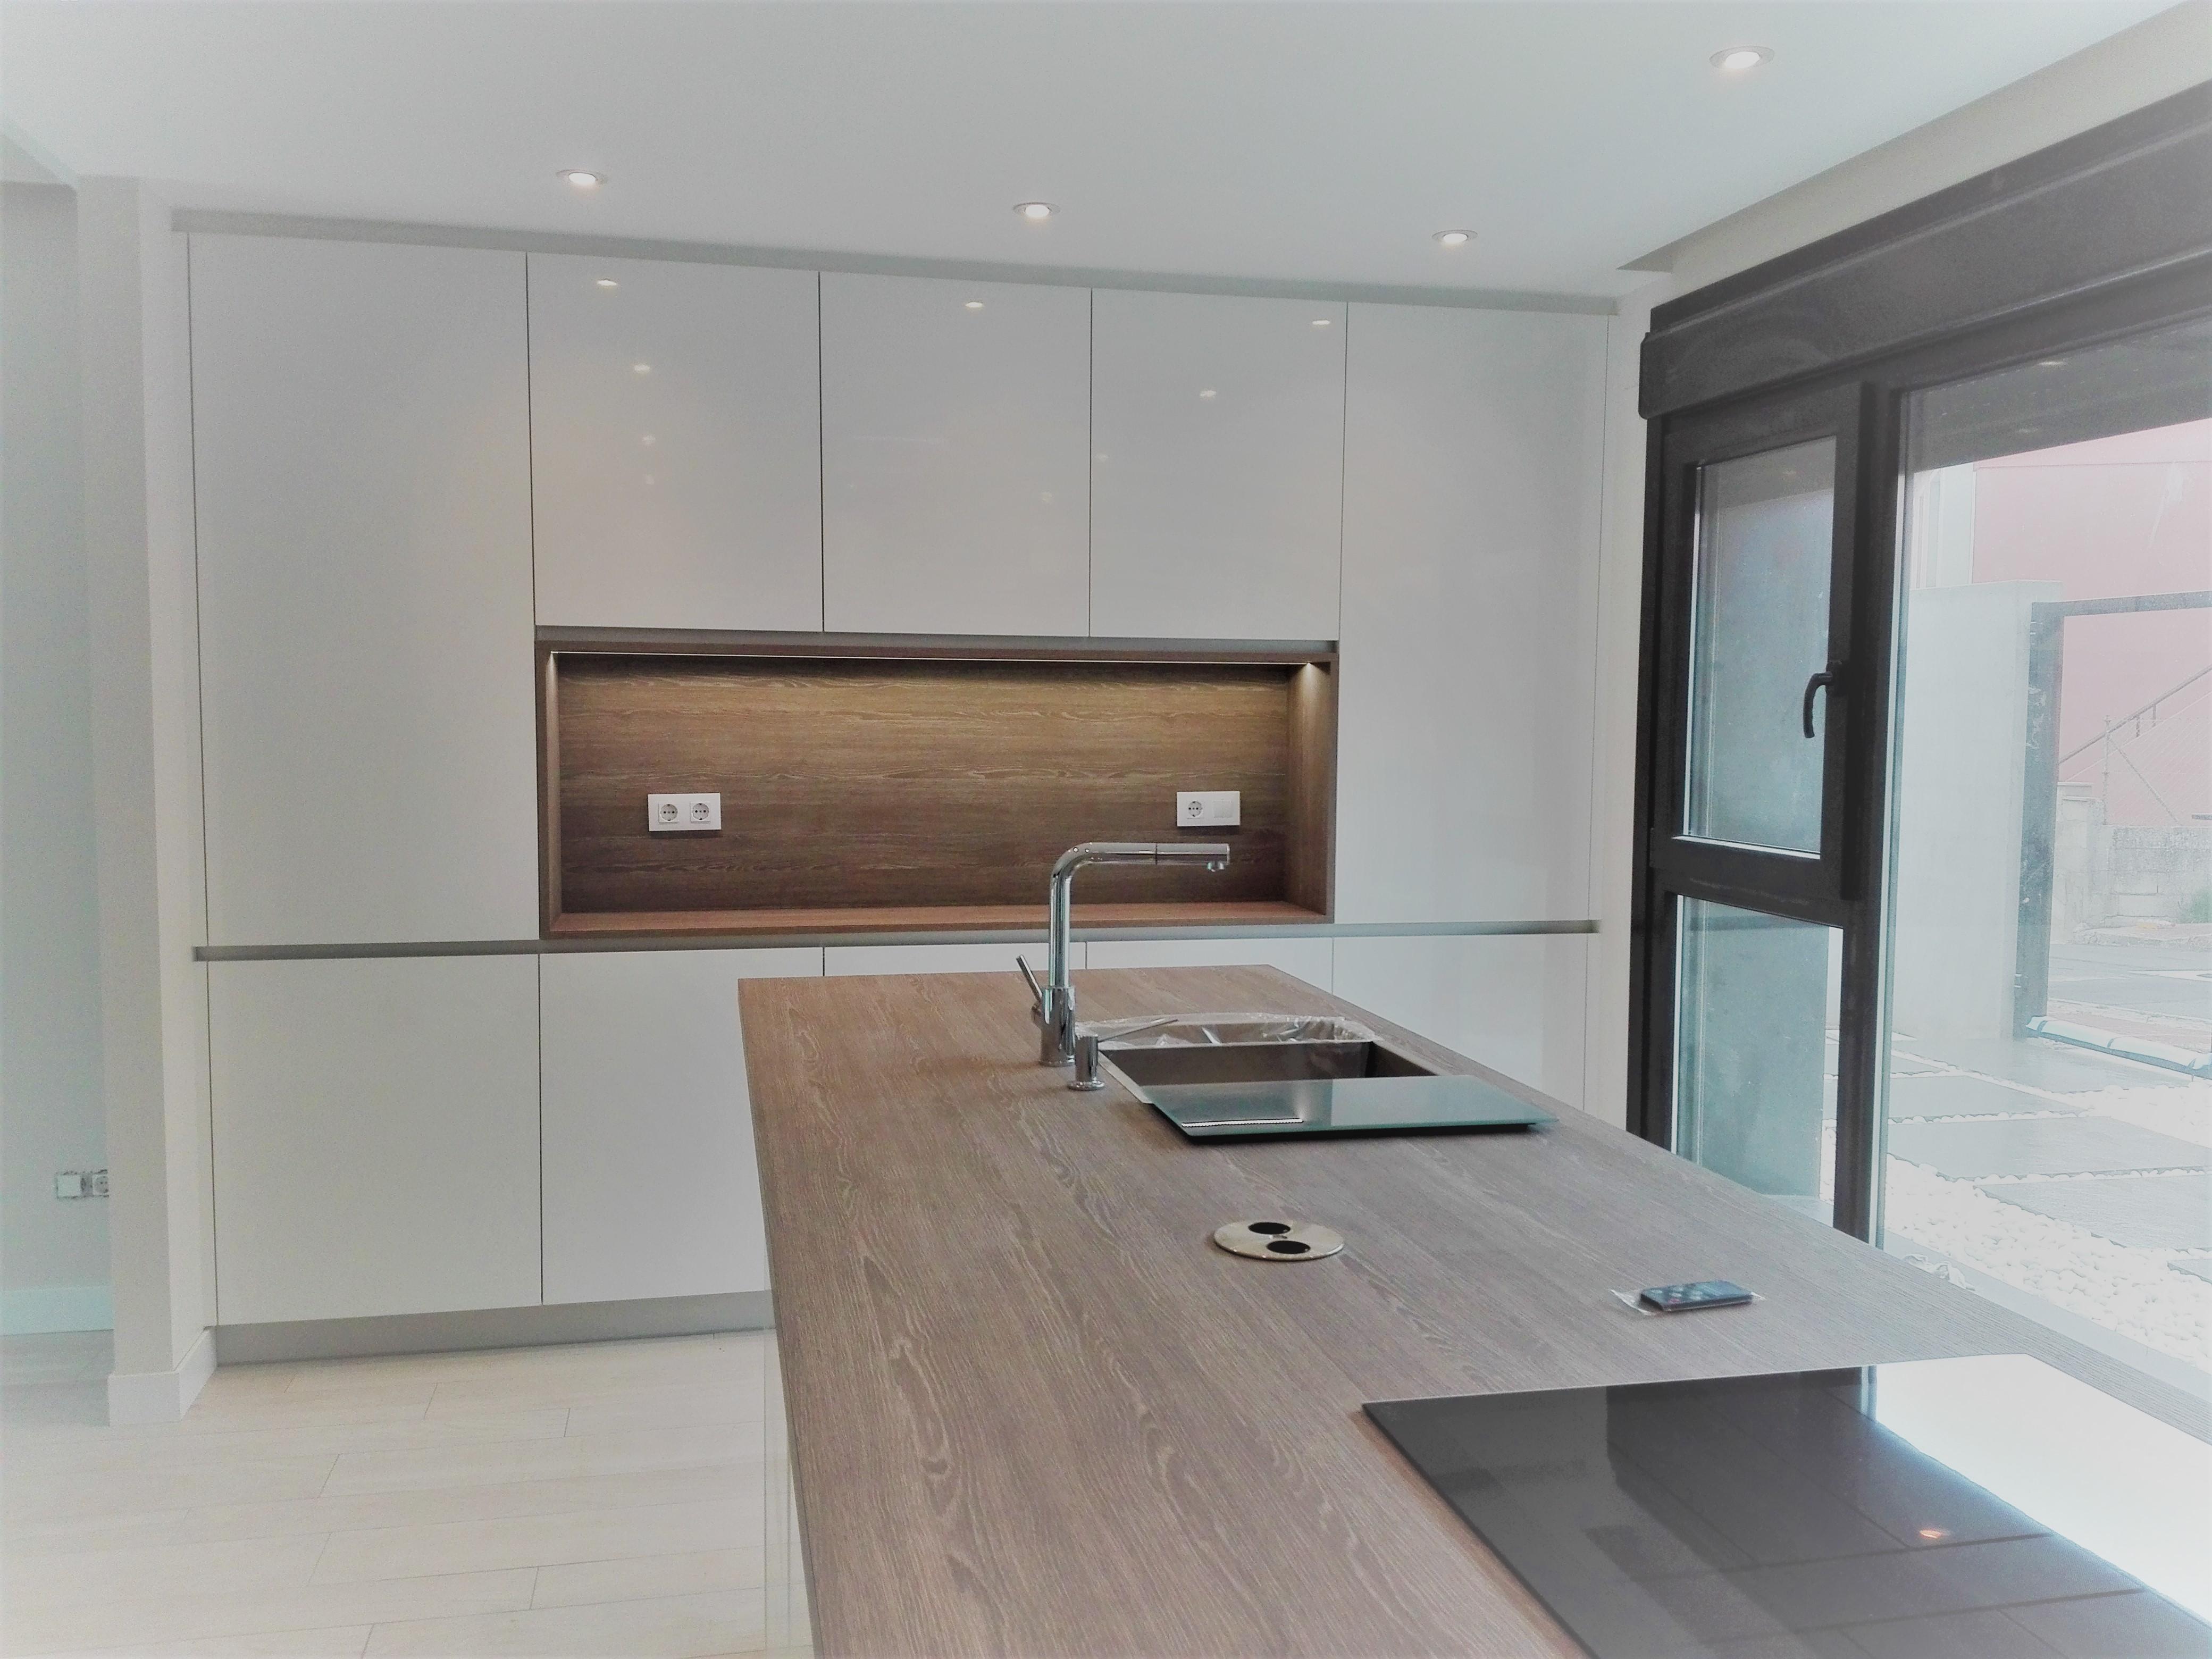 cocina blanca encimera madera